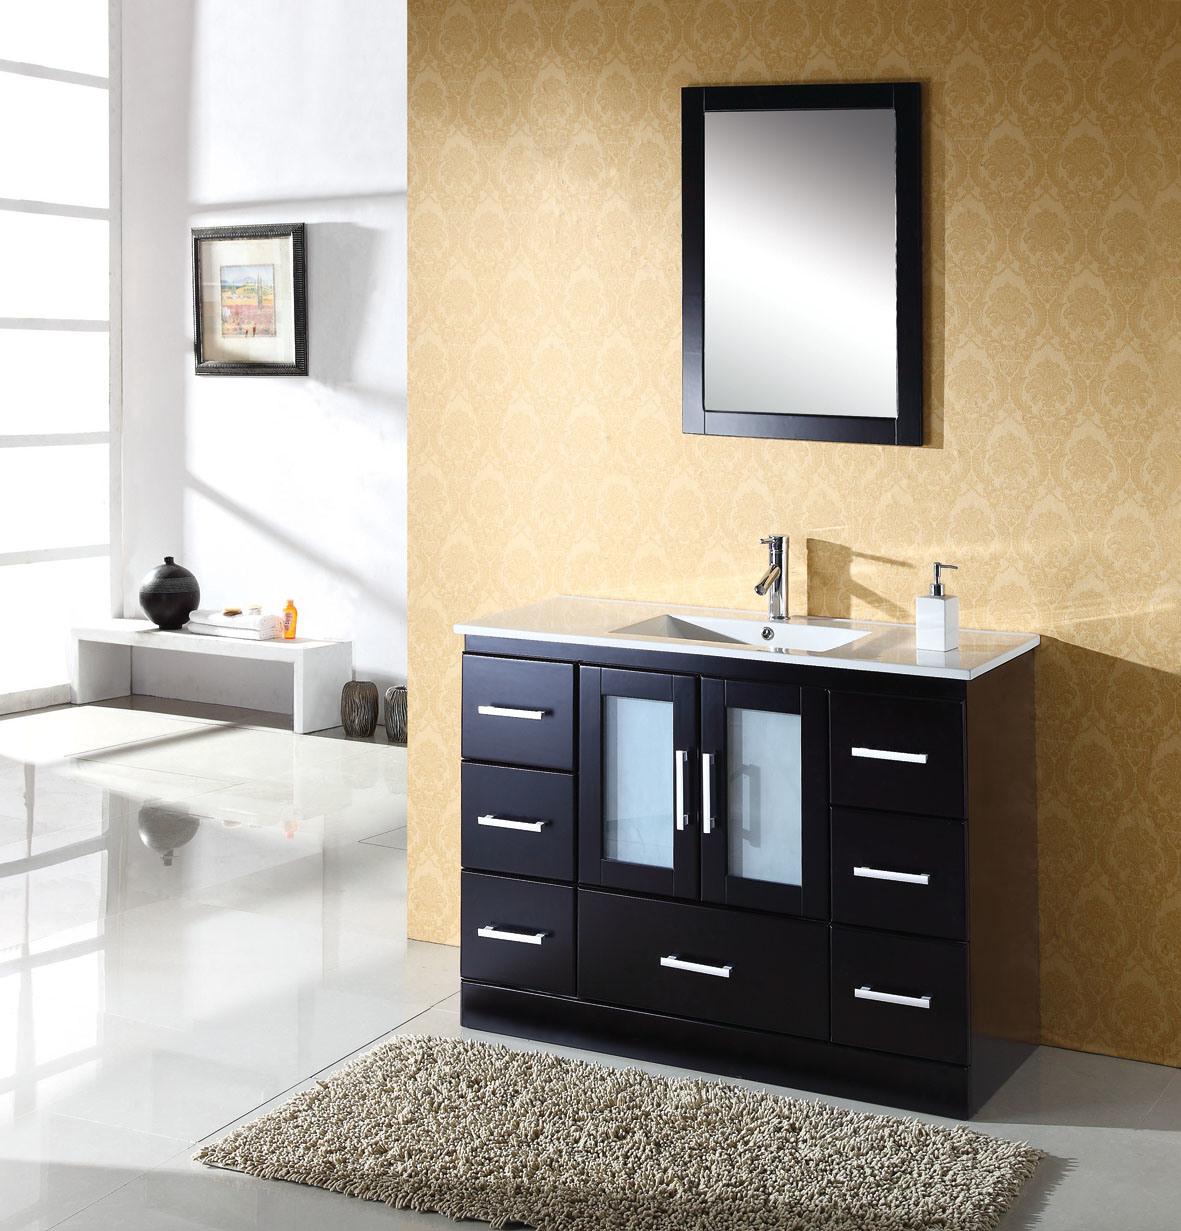 Gabinetes De Baño De Madera:Muebles del cuarto de baño de madera sólida – gabinete de la vanidad